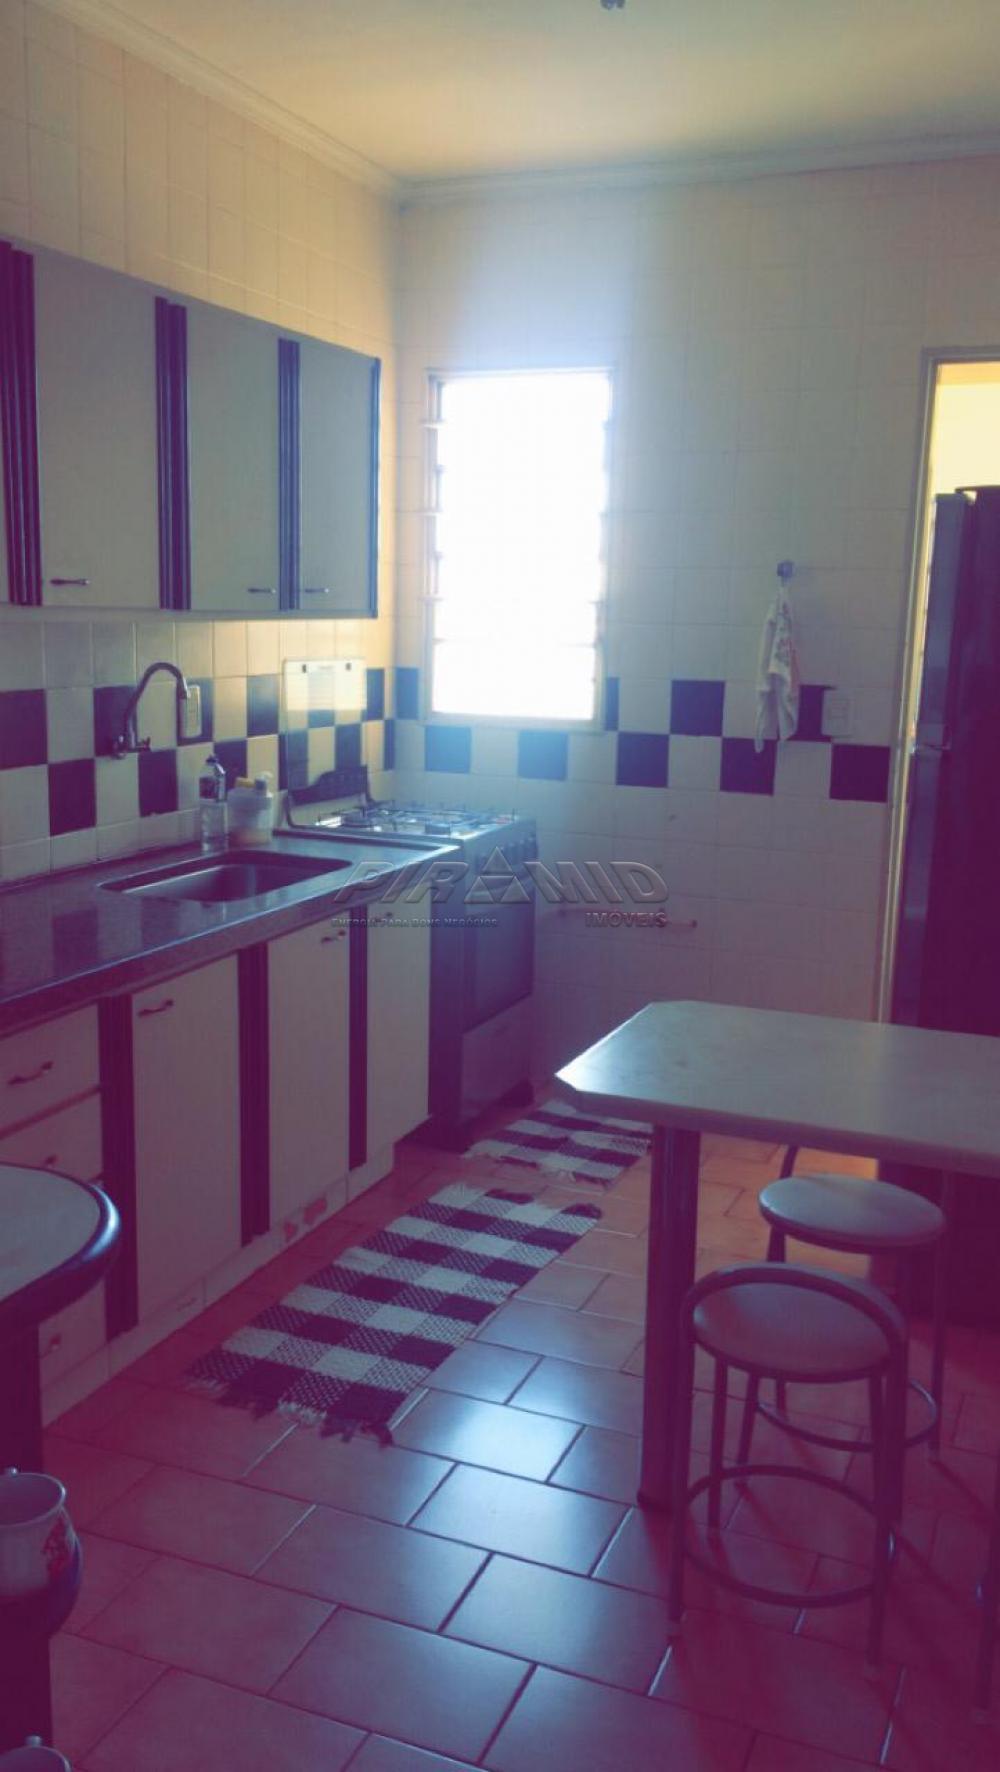 Comprar Apartamento / Padrão em Ribeirão Preto apenas R$ 290.000,00 - Foto 4